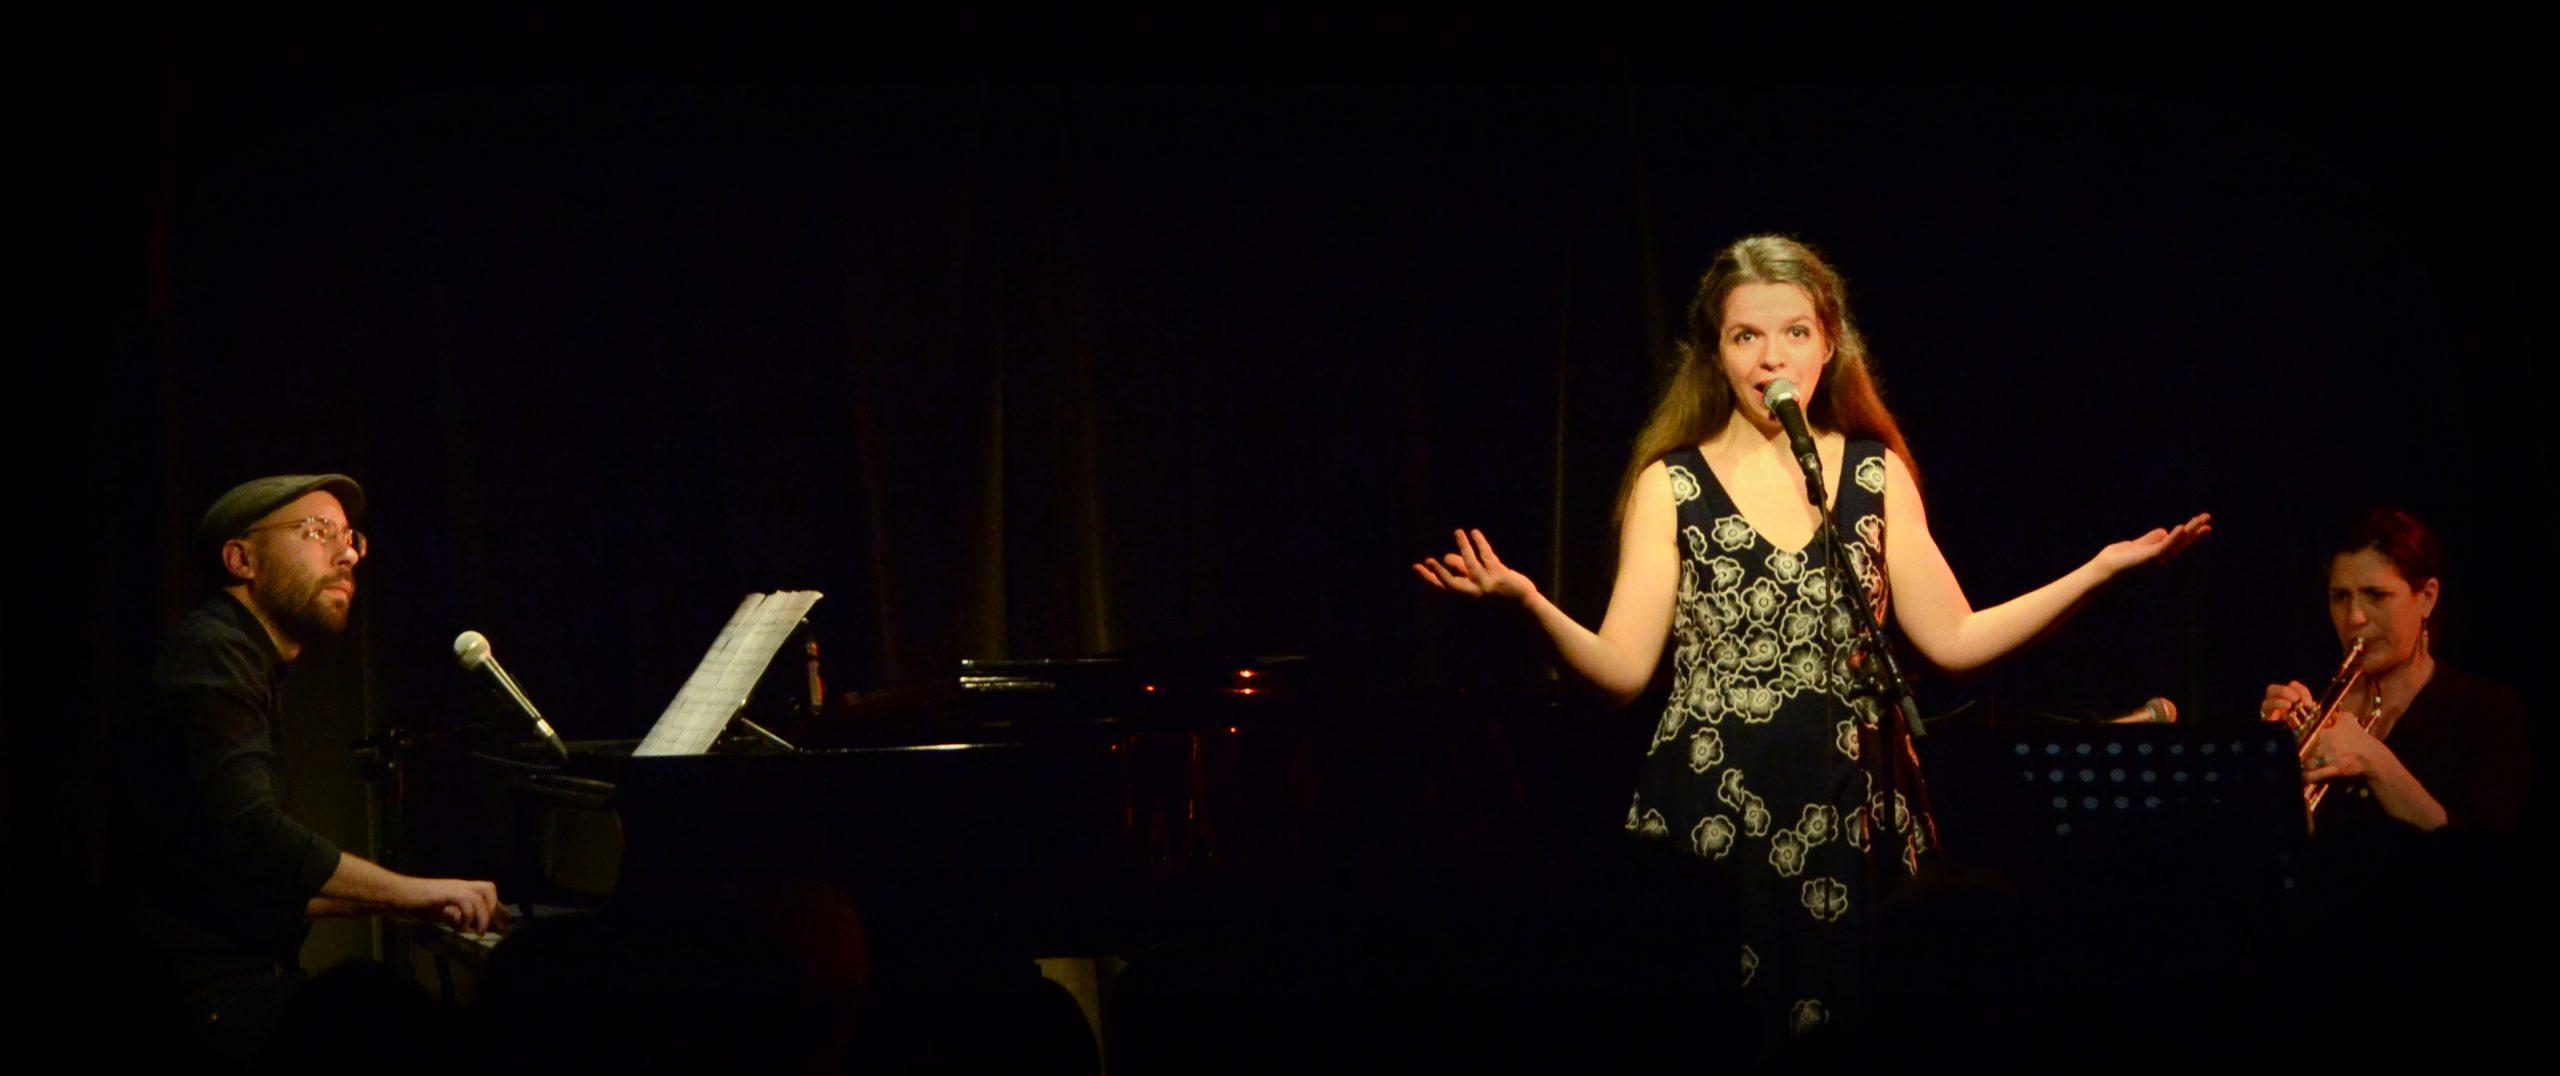 Concert Alissa Wenz